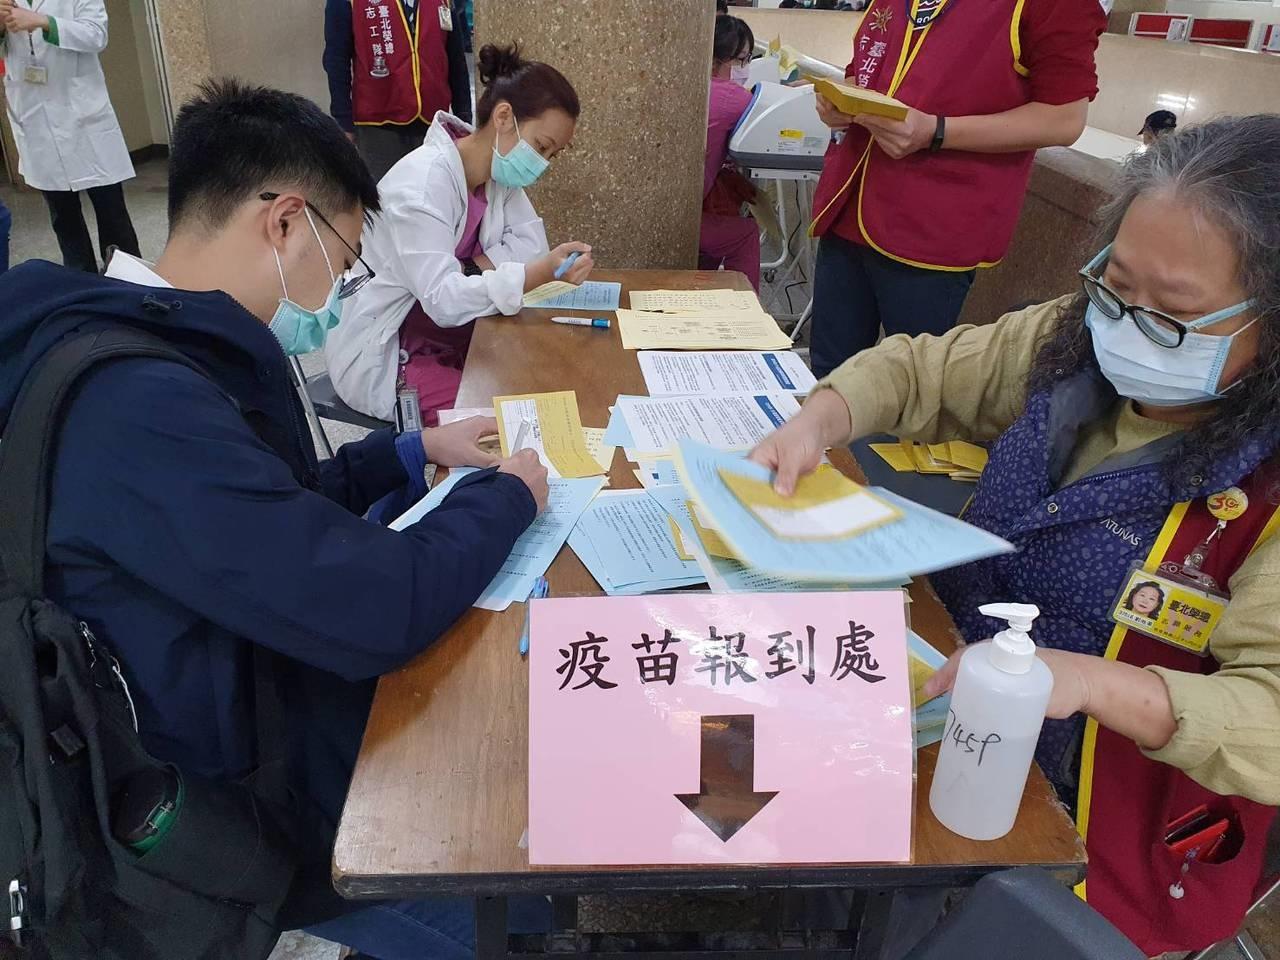 AZ疫苗前天單日接種人數2577人,創開打以來新高。聯合報資料照片 記者楊雅棠/攝影